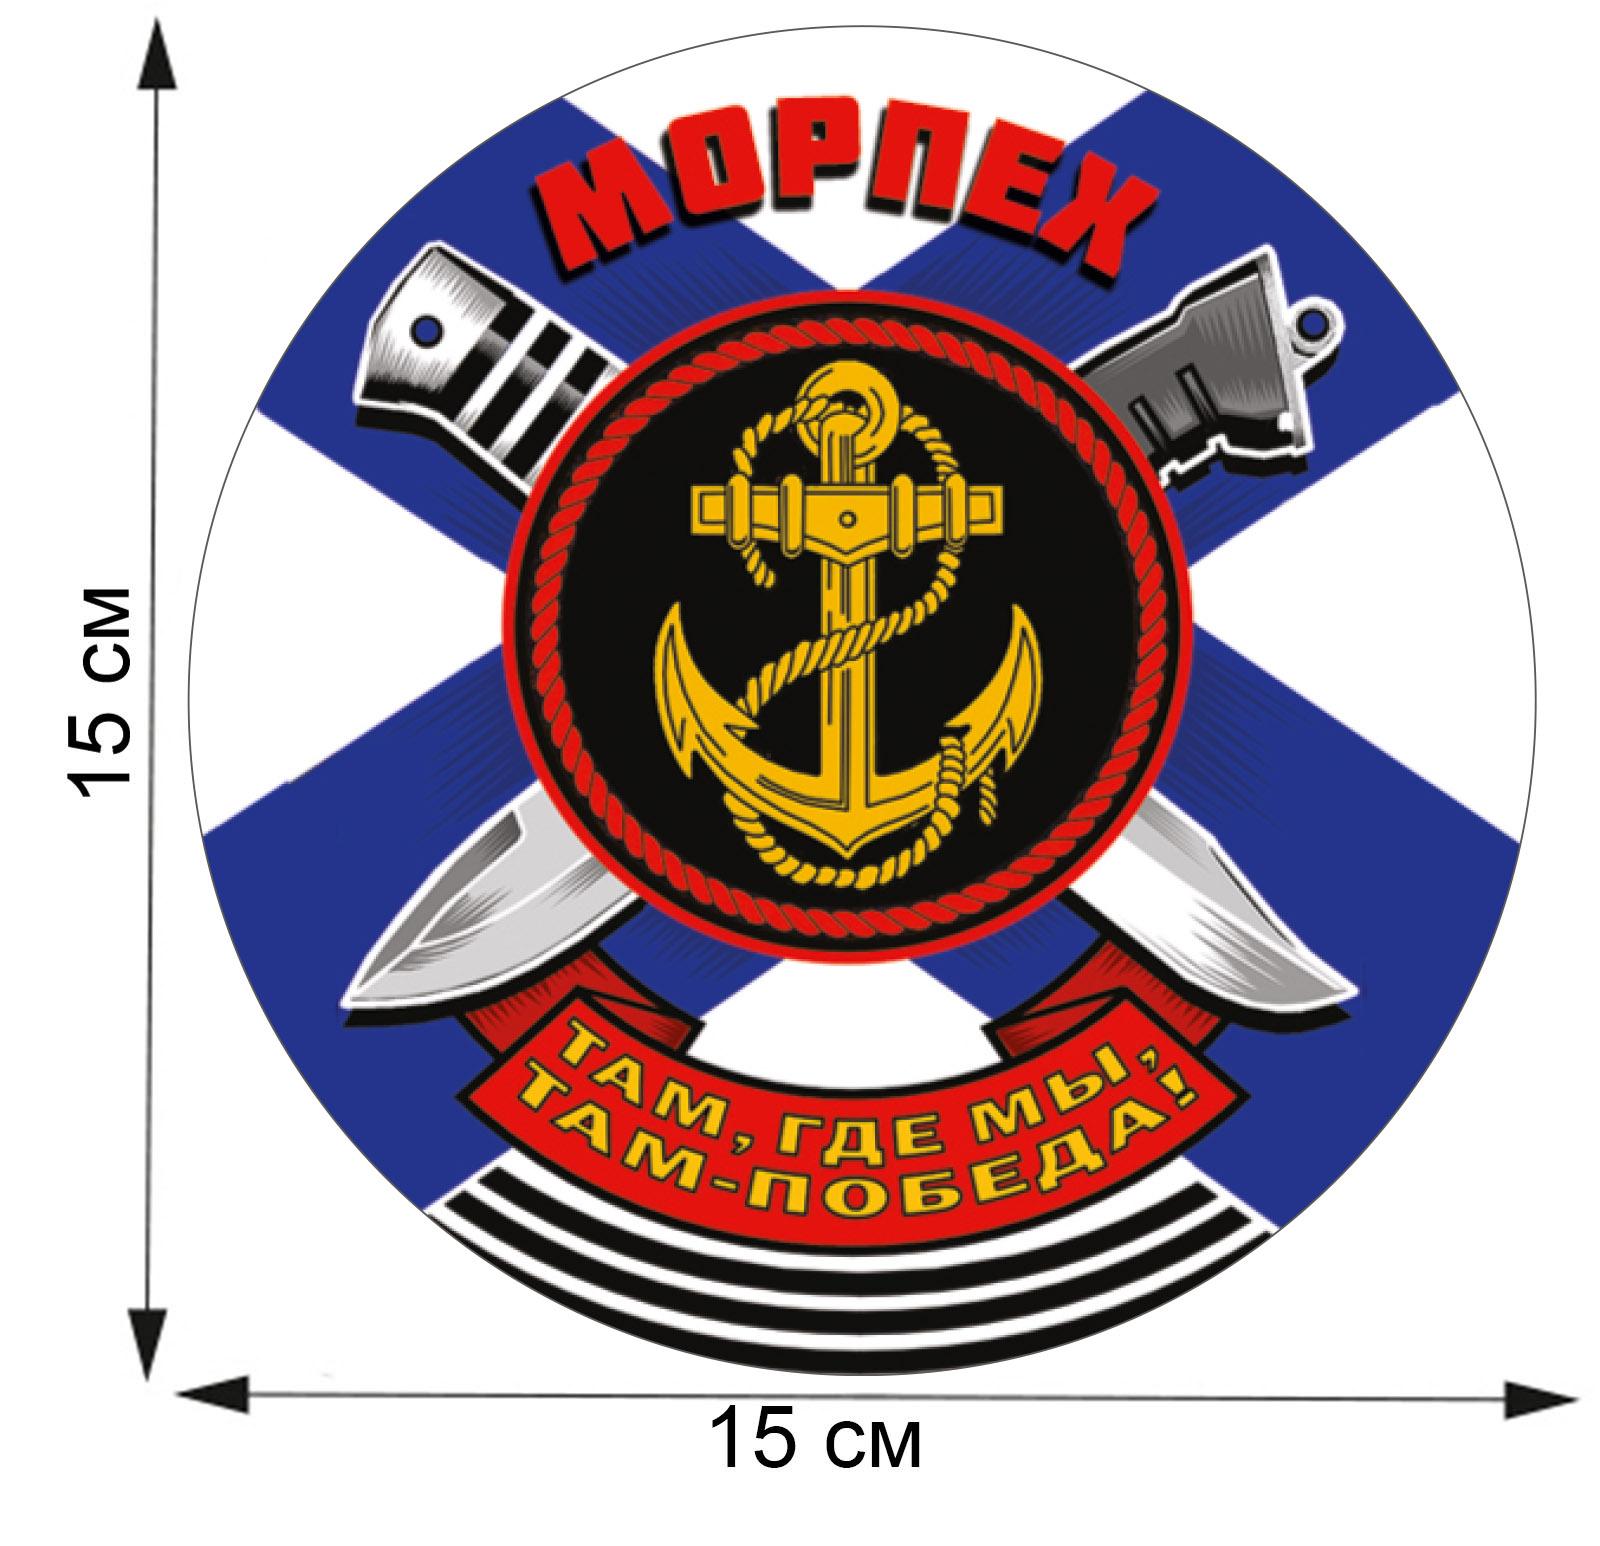 Классная наклейка с символами Морпеха